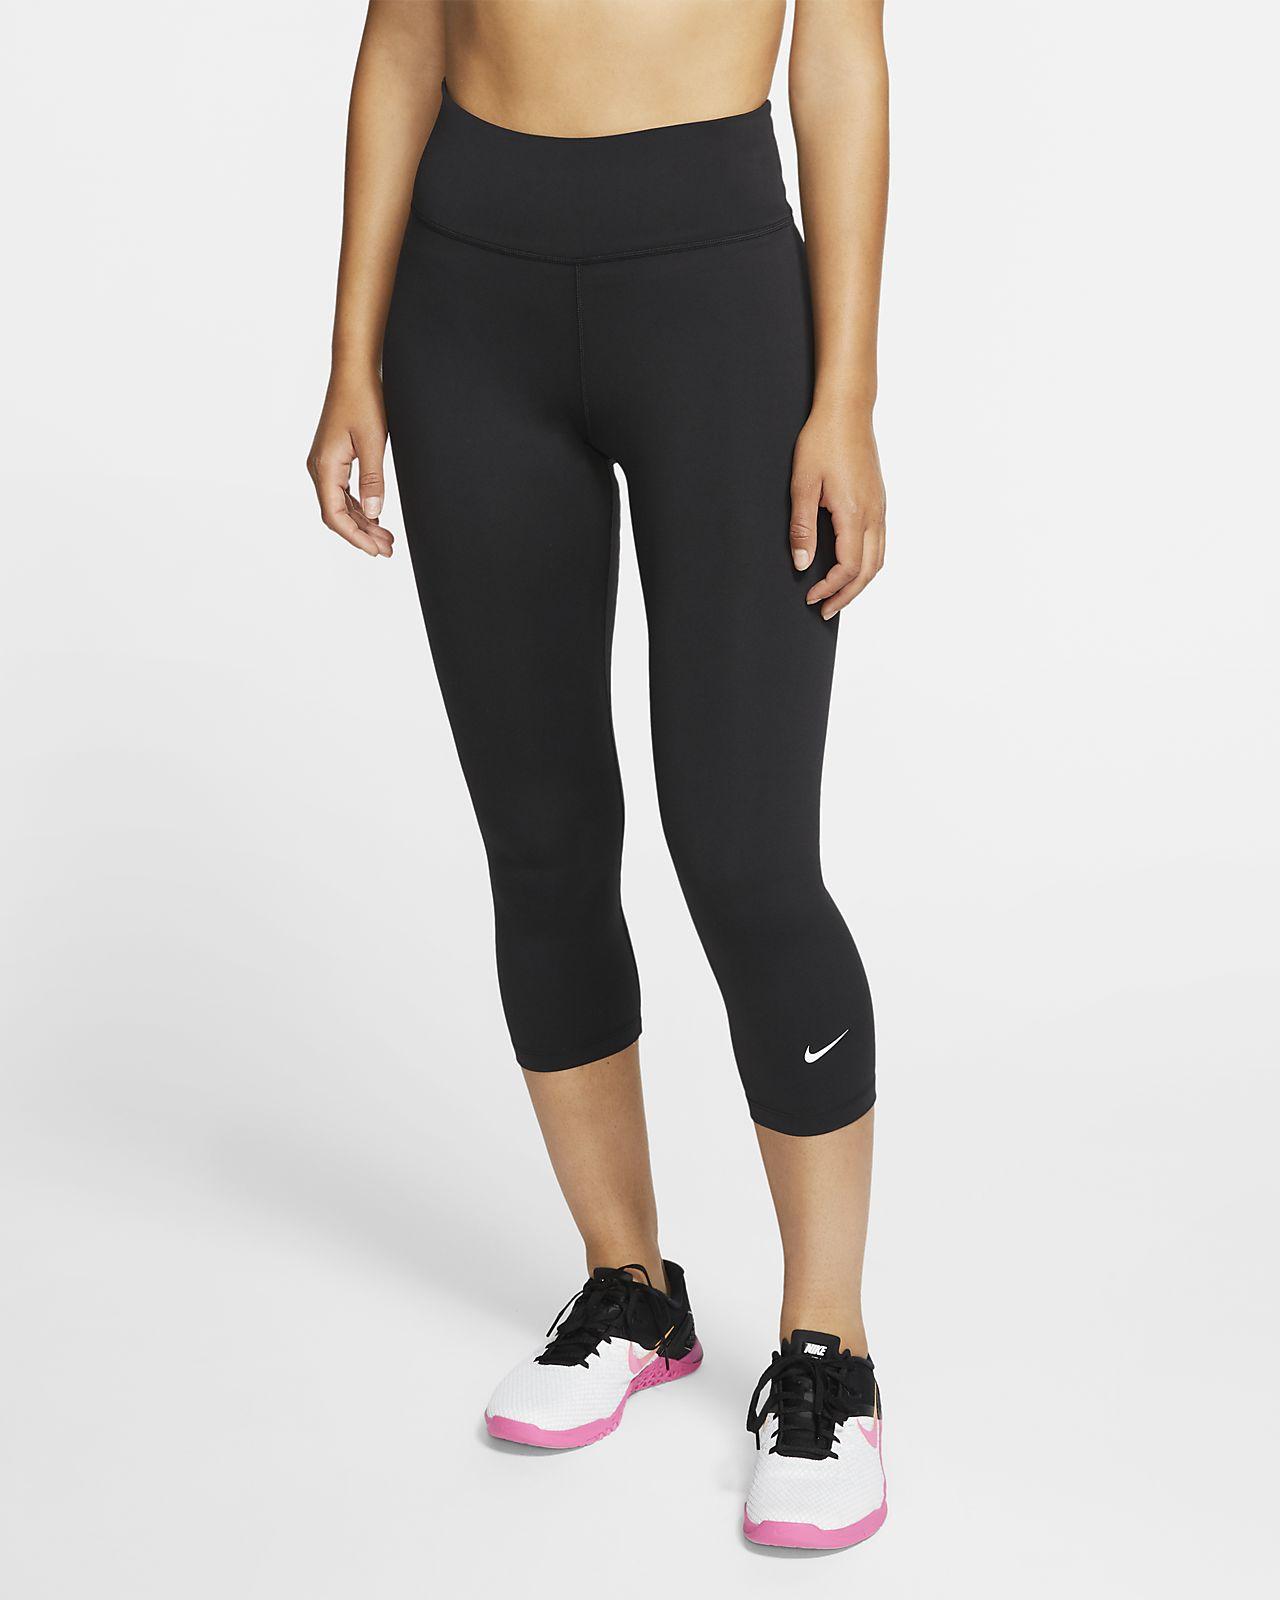 Träningsbyxor Nike One i trekvartslängd för kvinnor